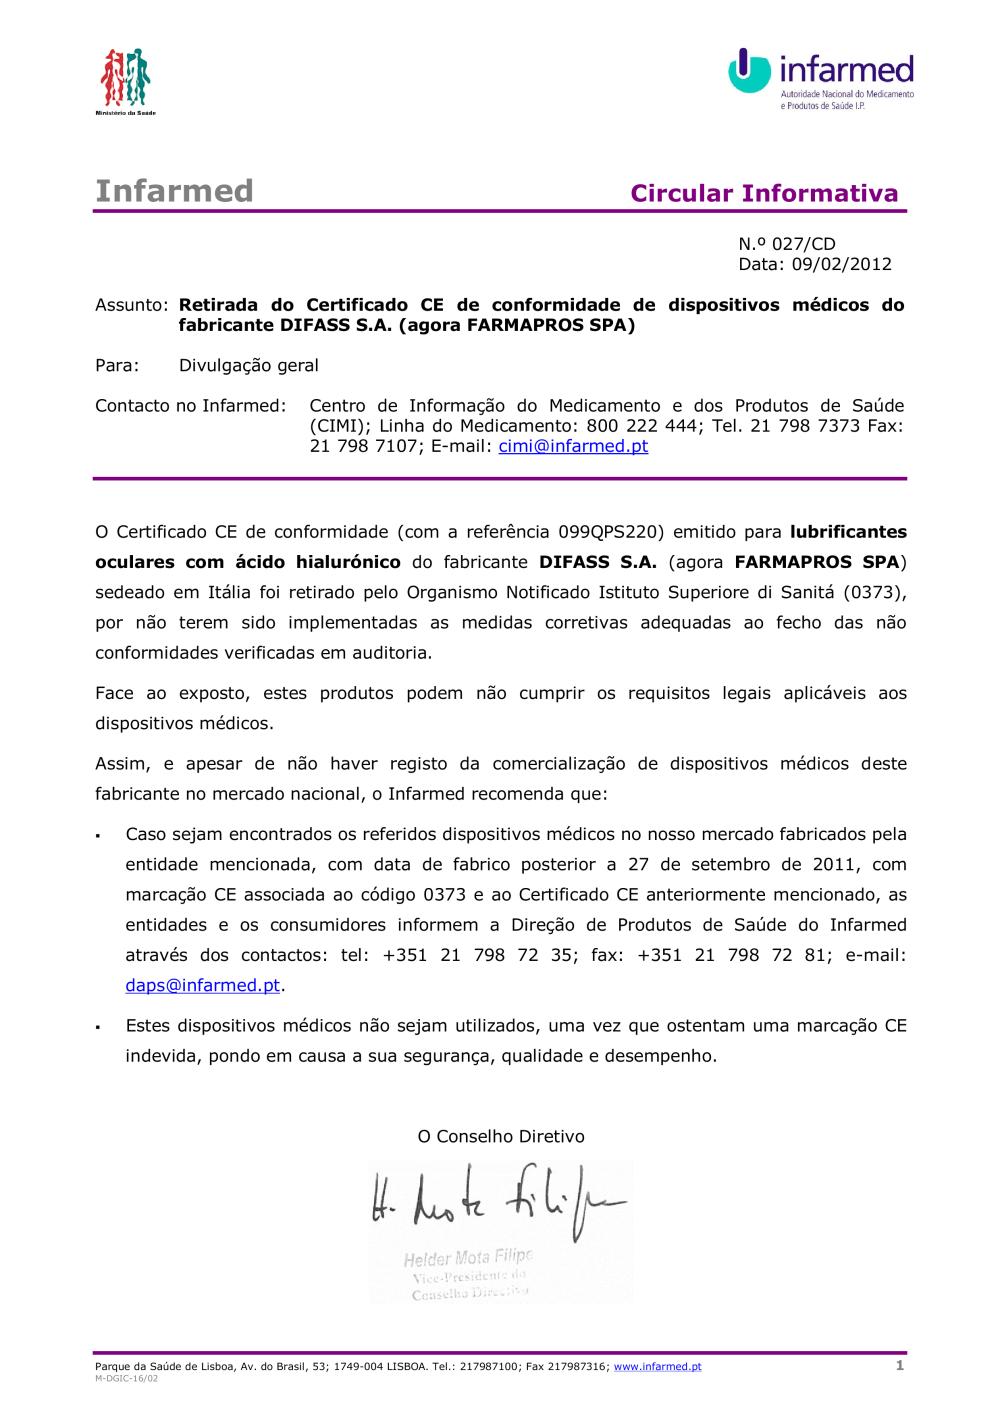 8662694.PDF - Alertas de segurança - INFARMED, I.P. 68d0336a1a